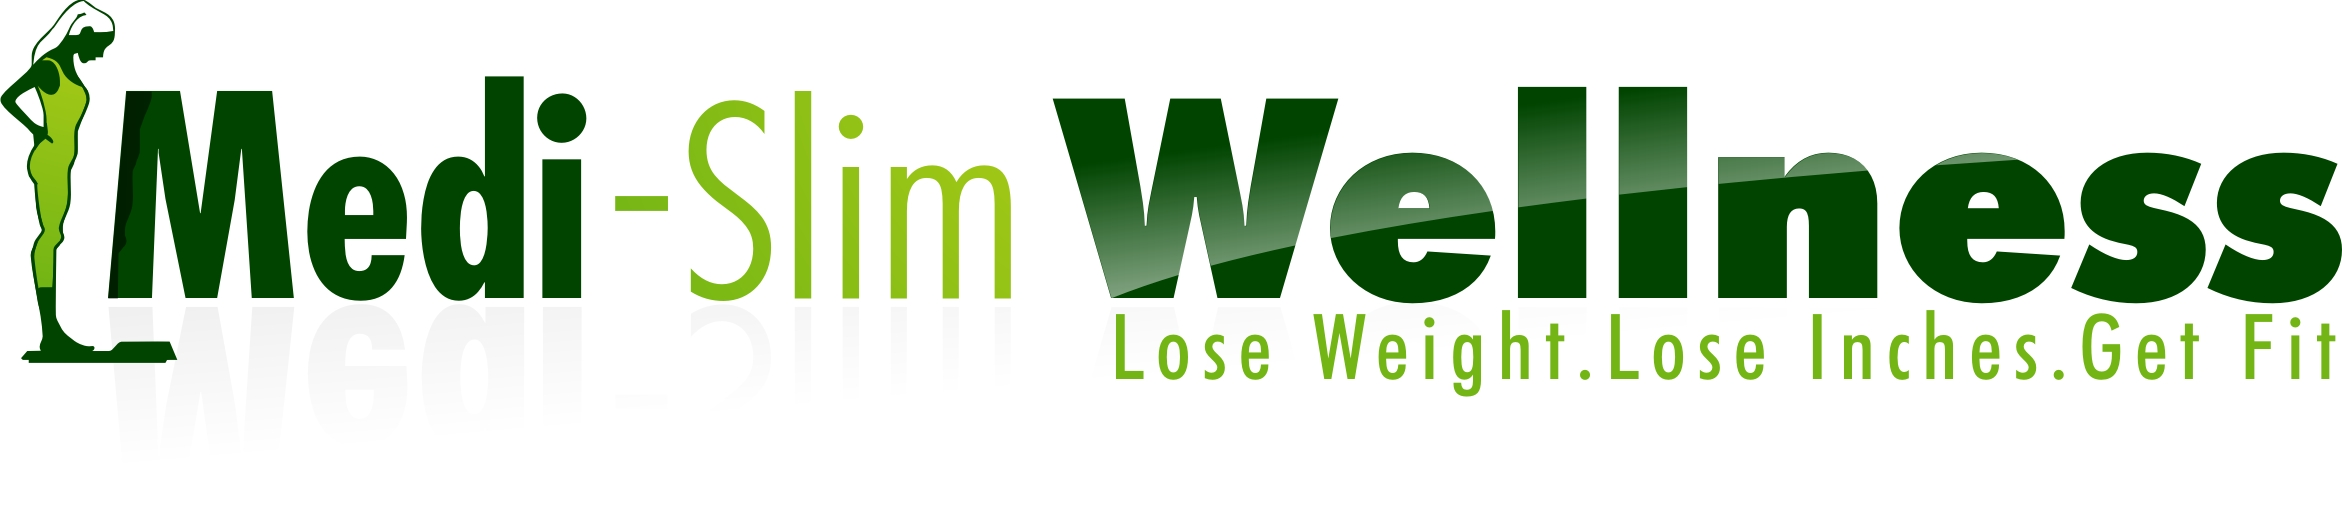 Medi-Slim Wellness